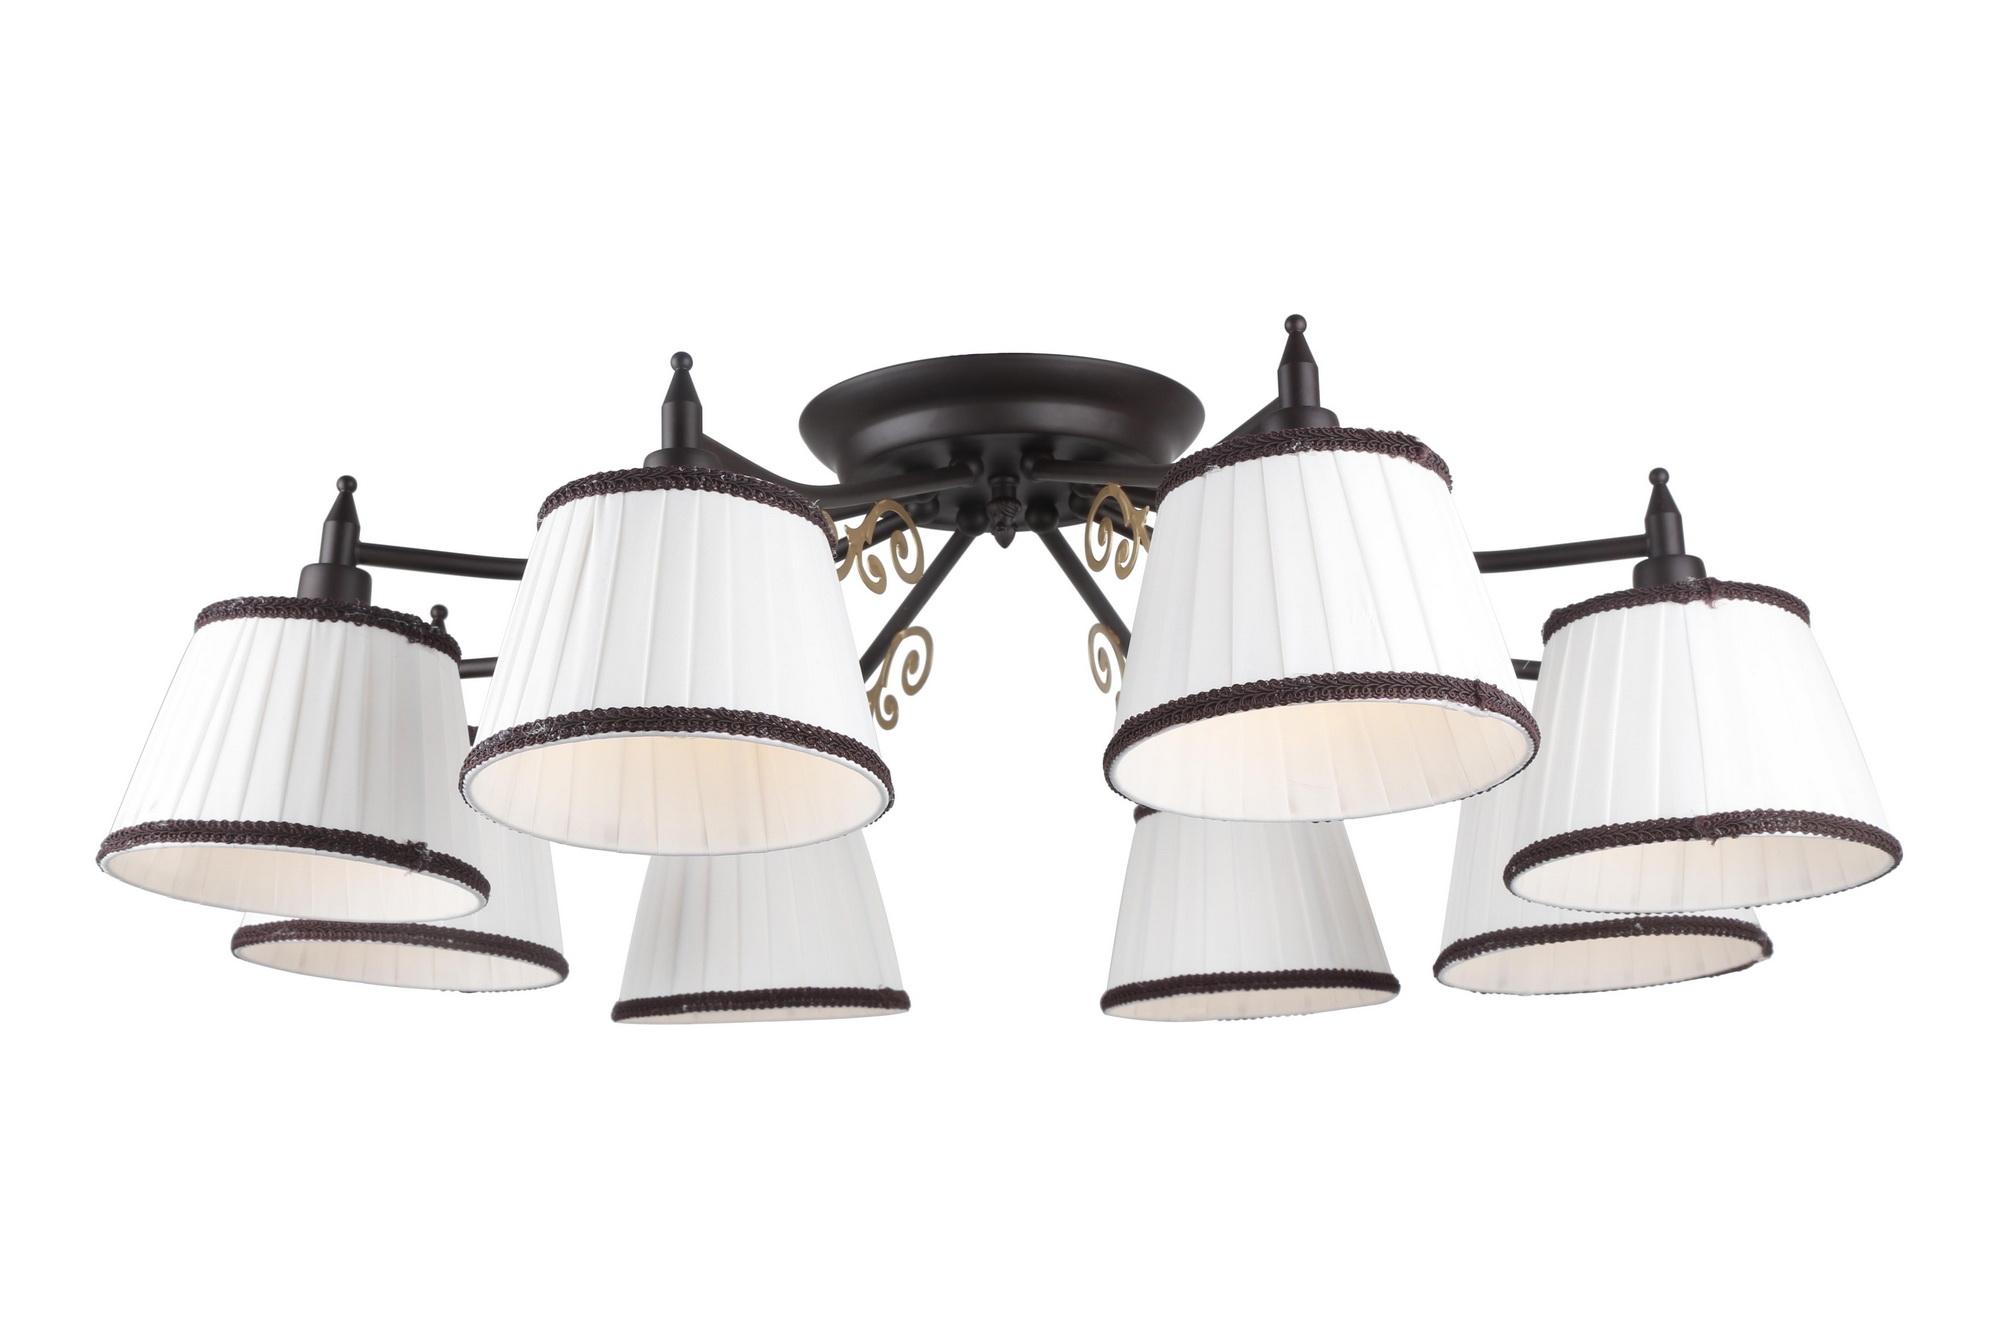 Люстра Arte lamp Capri a6344pl-8br A6344PL-8BR